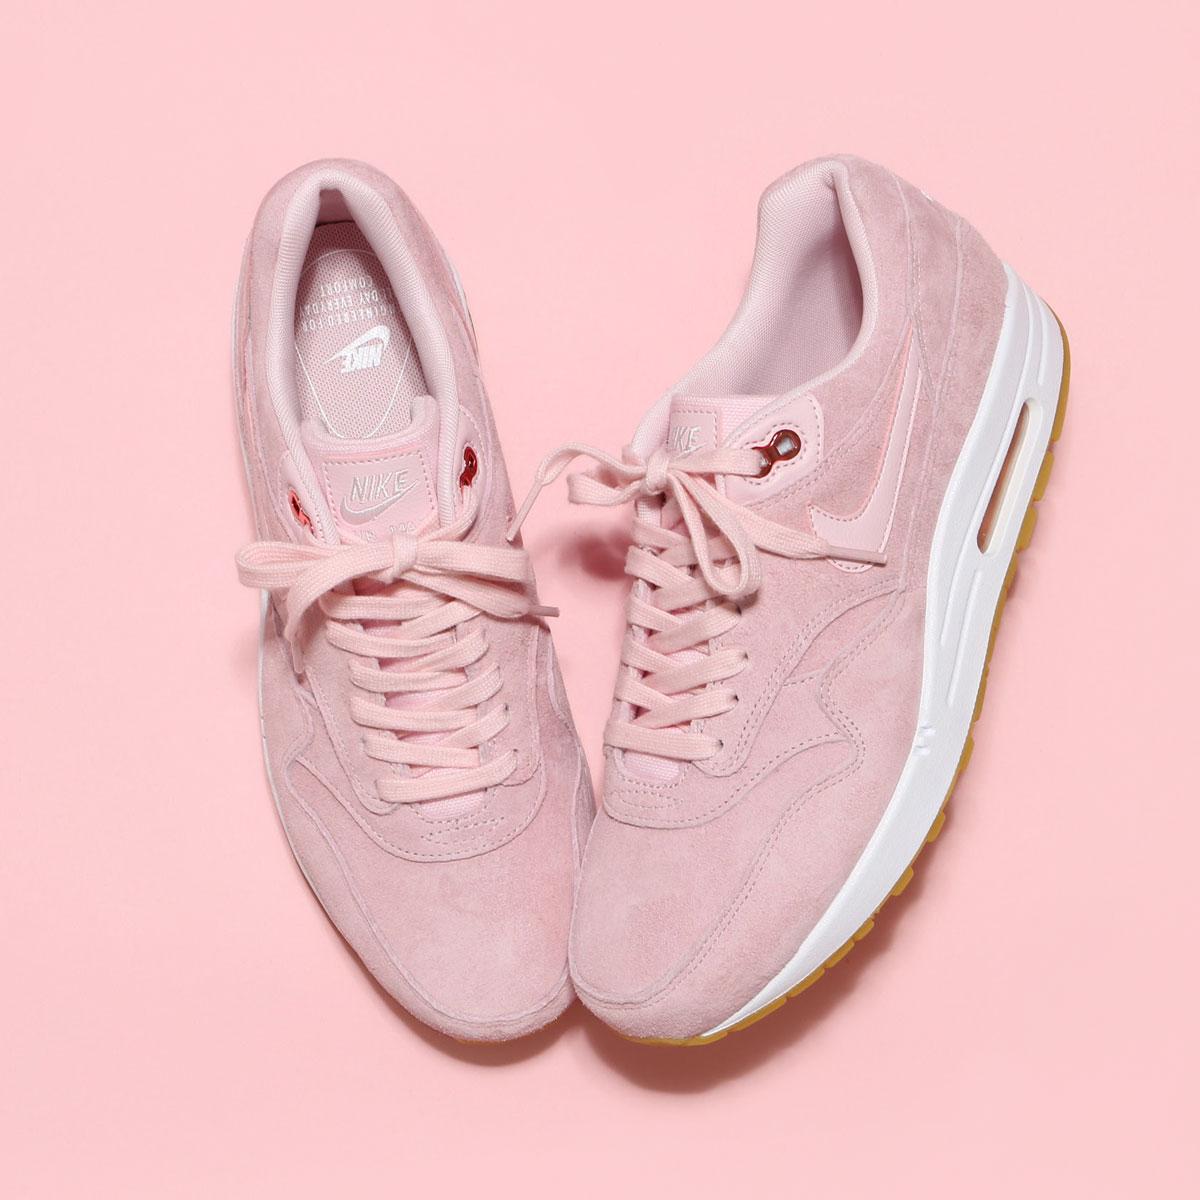 size 40 65ab7 645d1 atmos pink: NIKE WMNS AIR MAX 1 SD (Nike women Air Max 1 SD) (PRISM ...